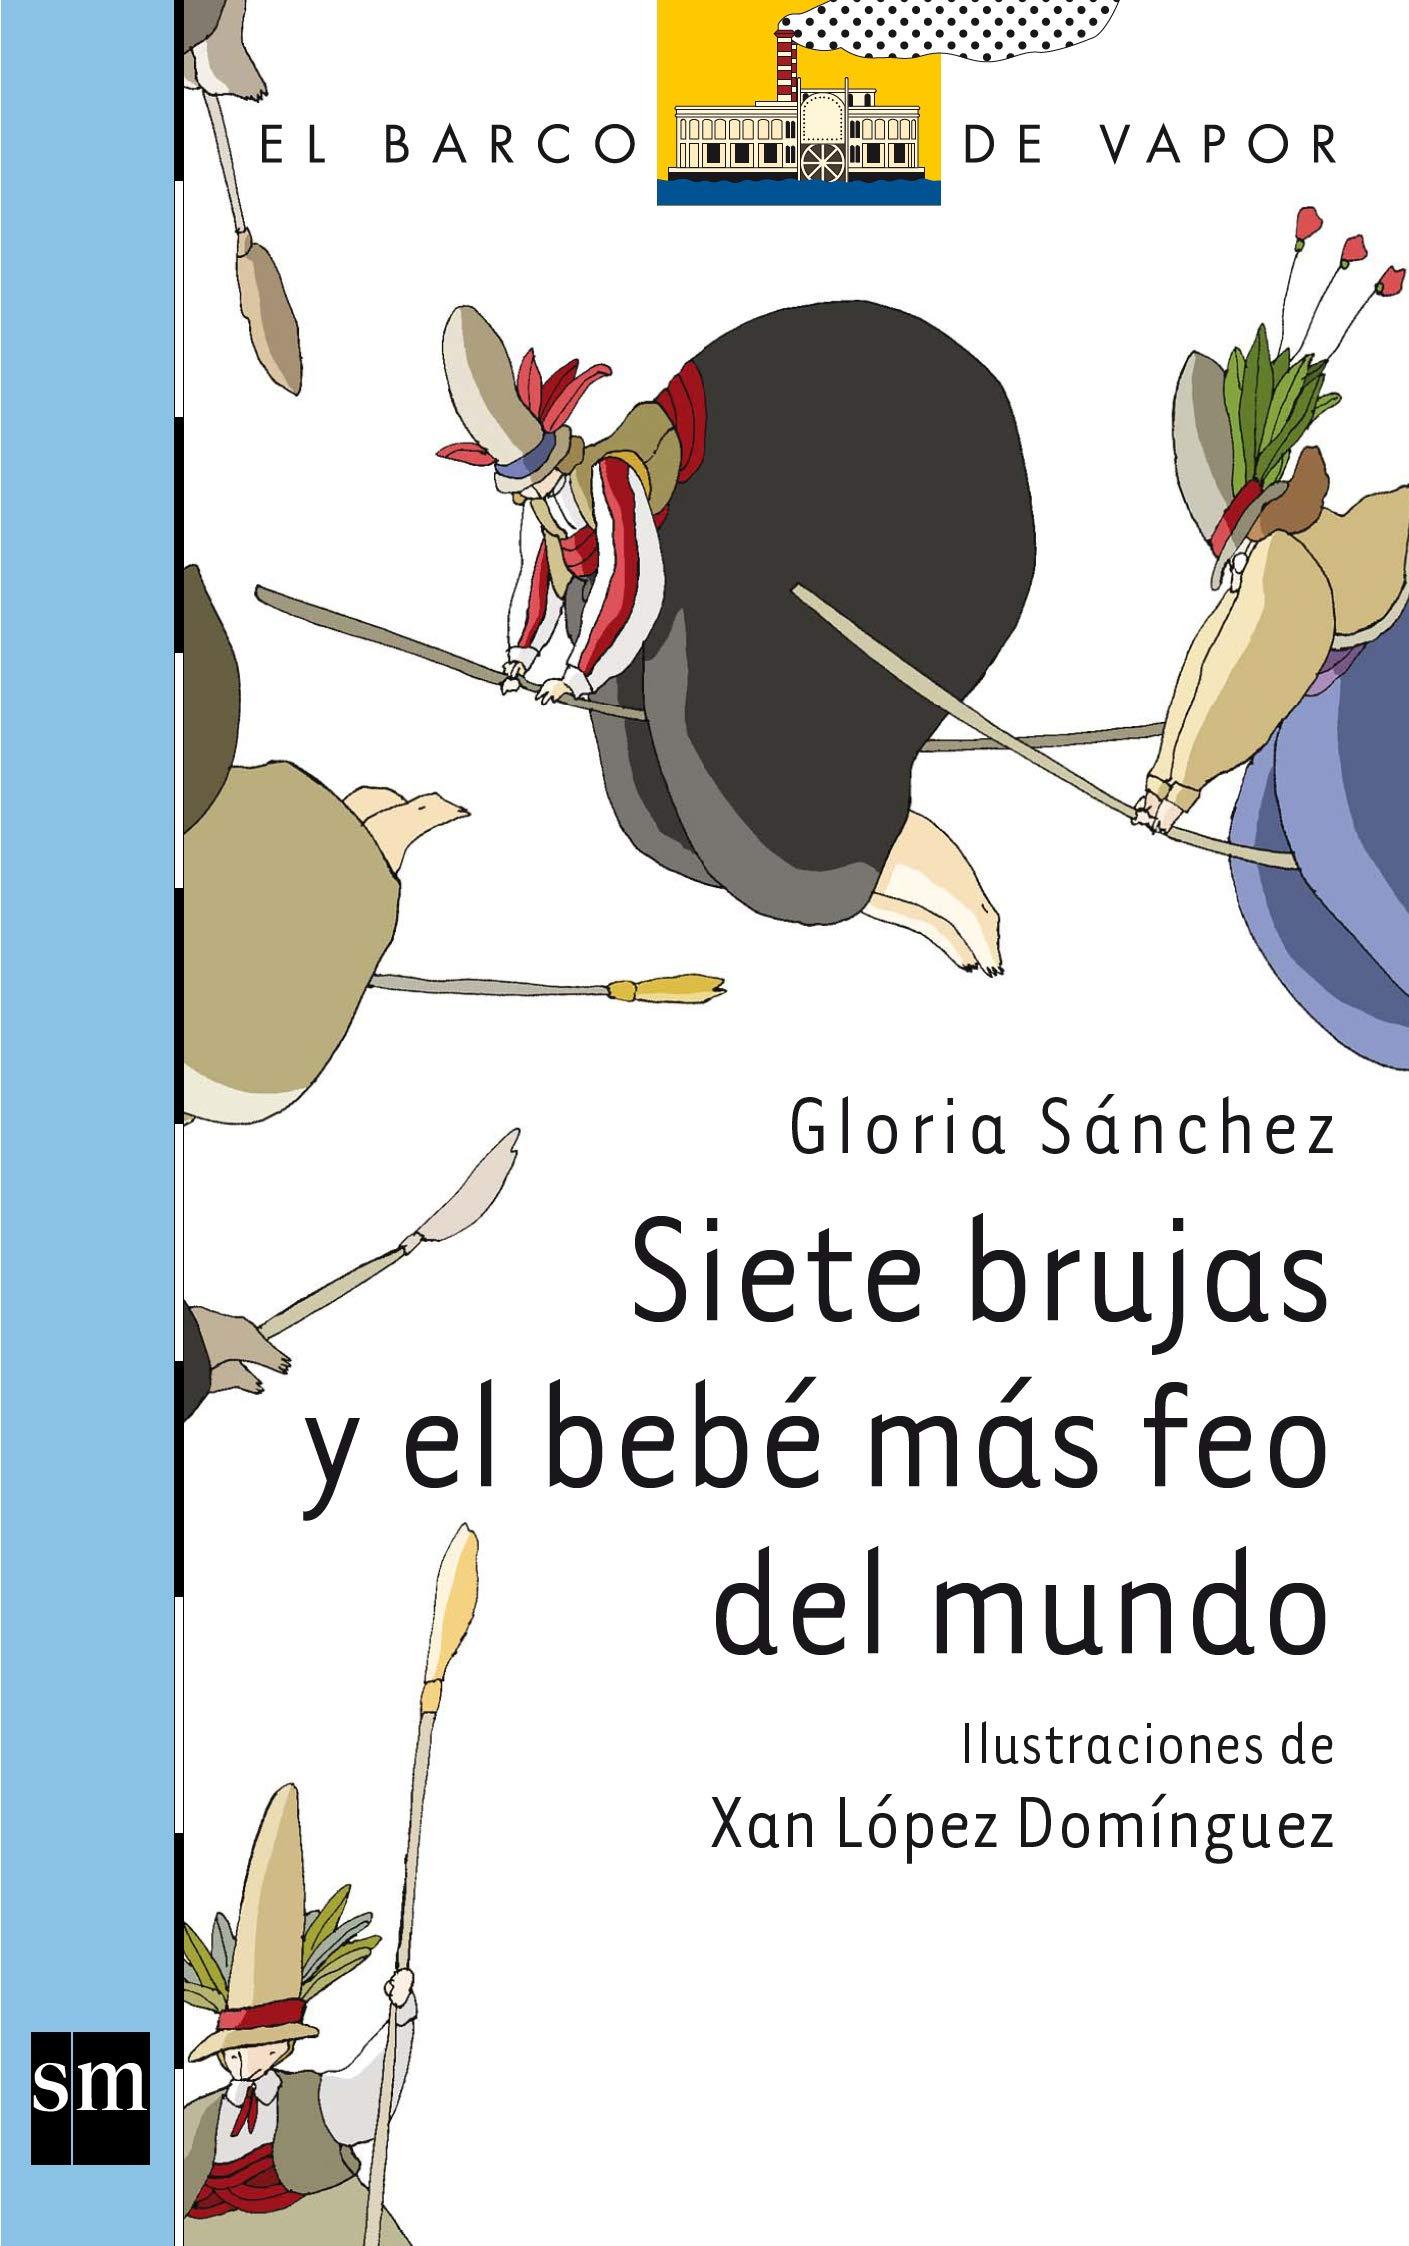 Siete brujas y el bebé más feo del mundo: 160 El Barco de Vapor Azul: Amazon.es: Sánchez, Gloria, López Domínguez, Xan: Libros